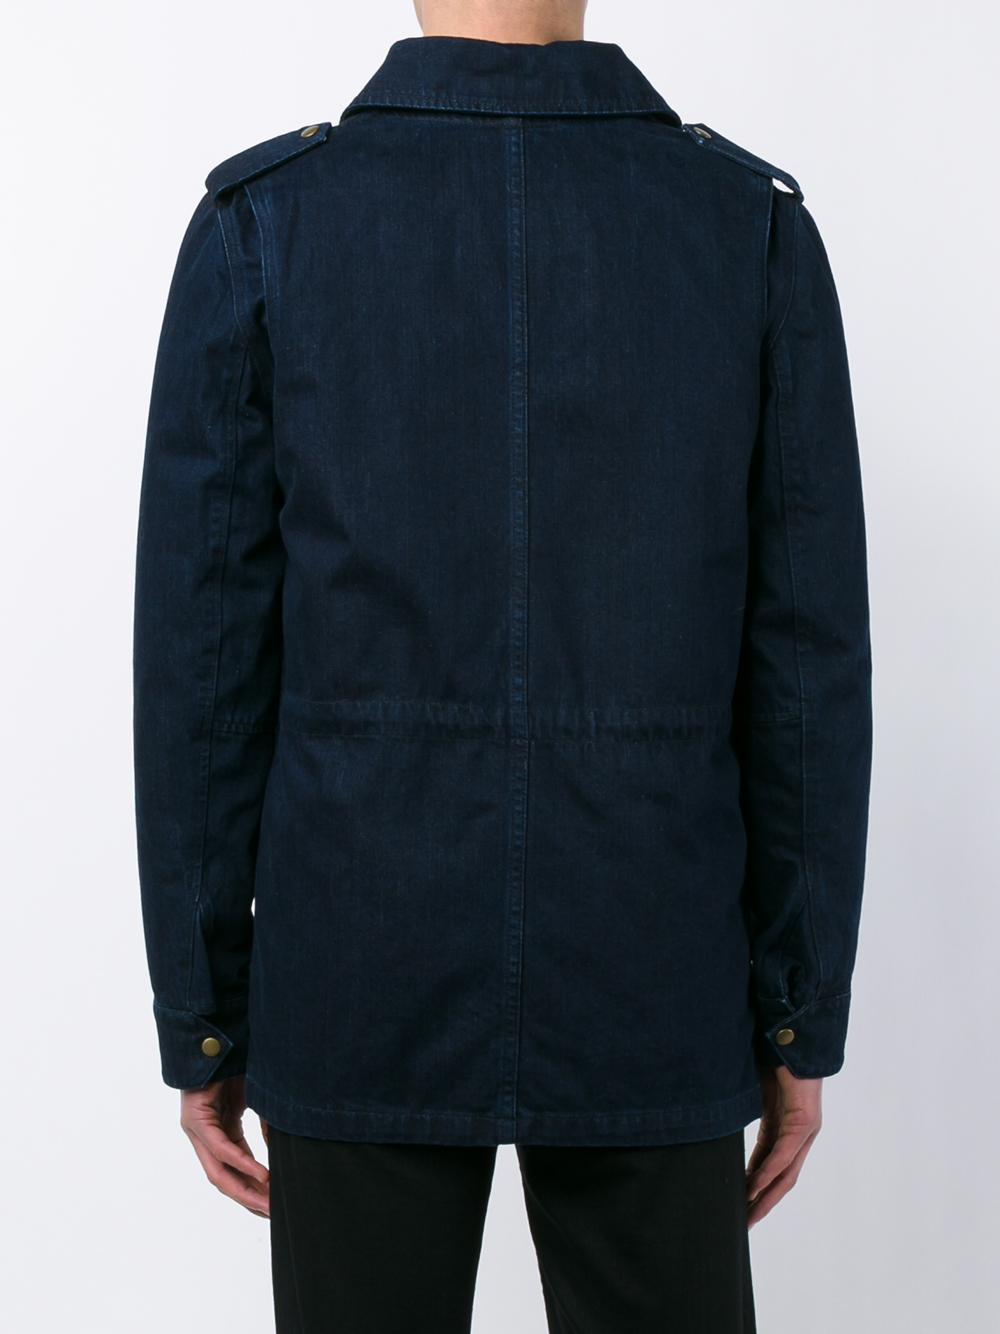 Yves Salomon Rabbit Fur Lined Denim Jacket in Blue for Men